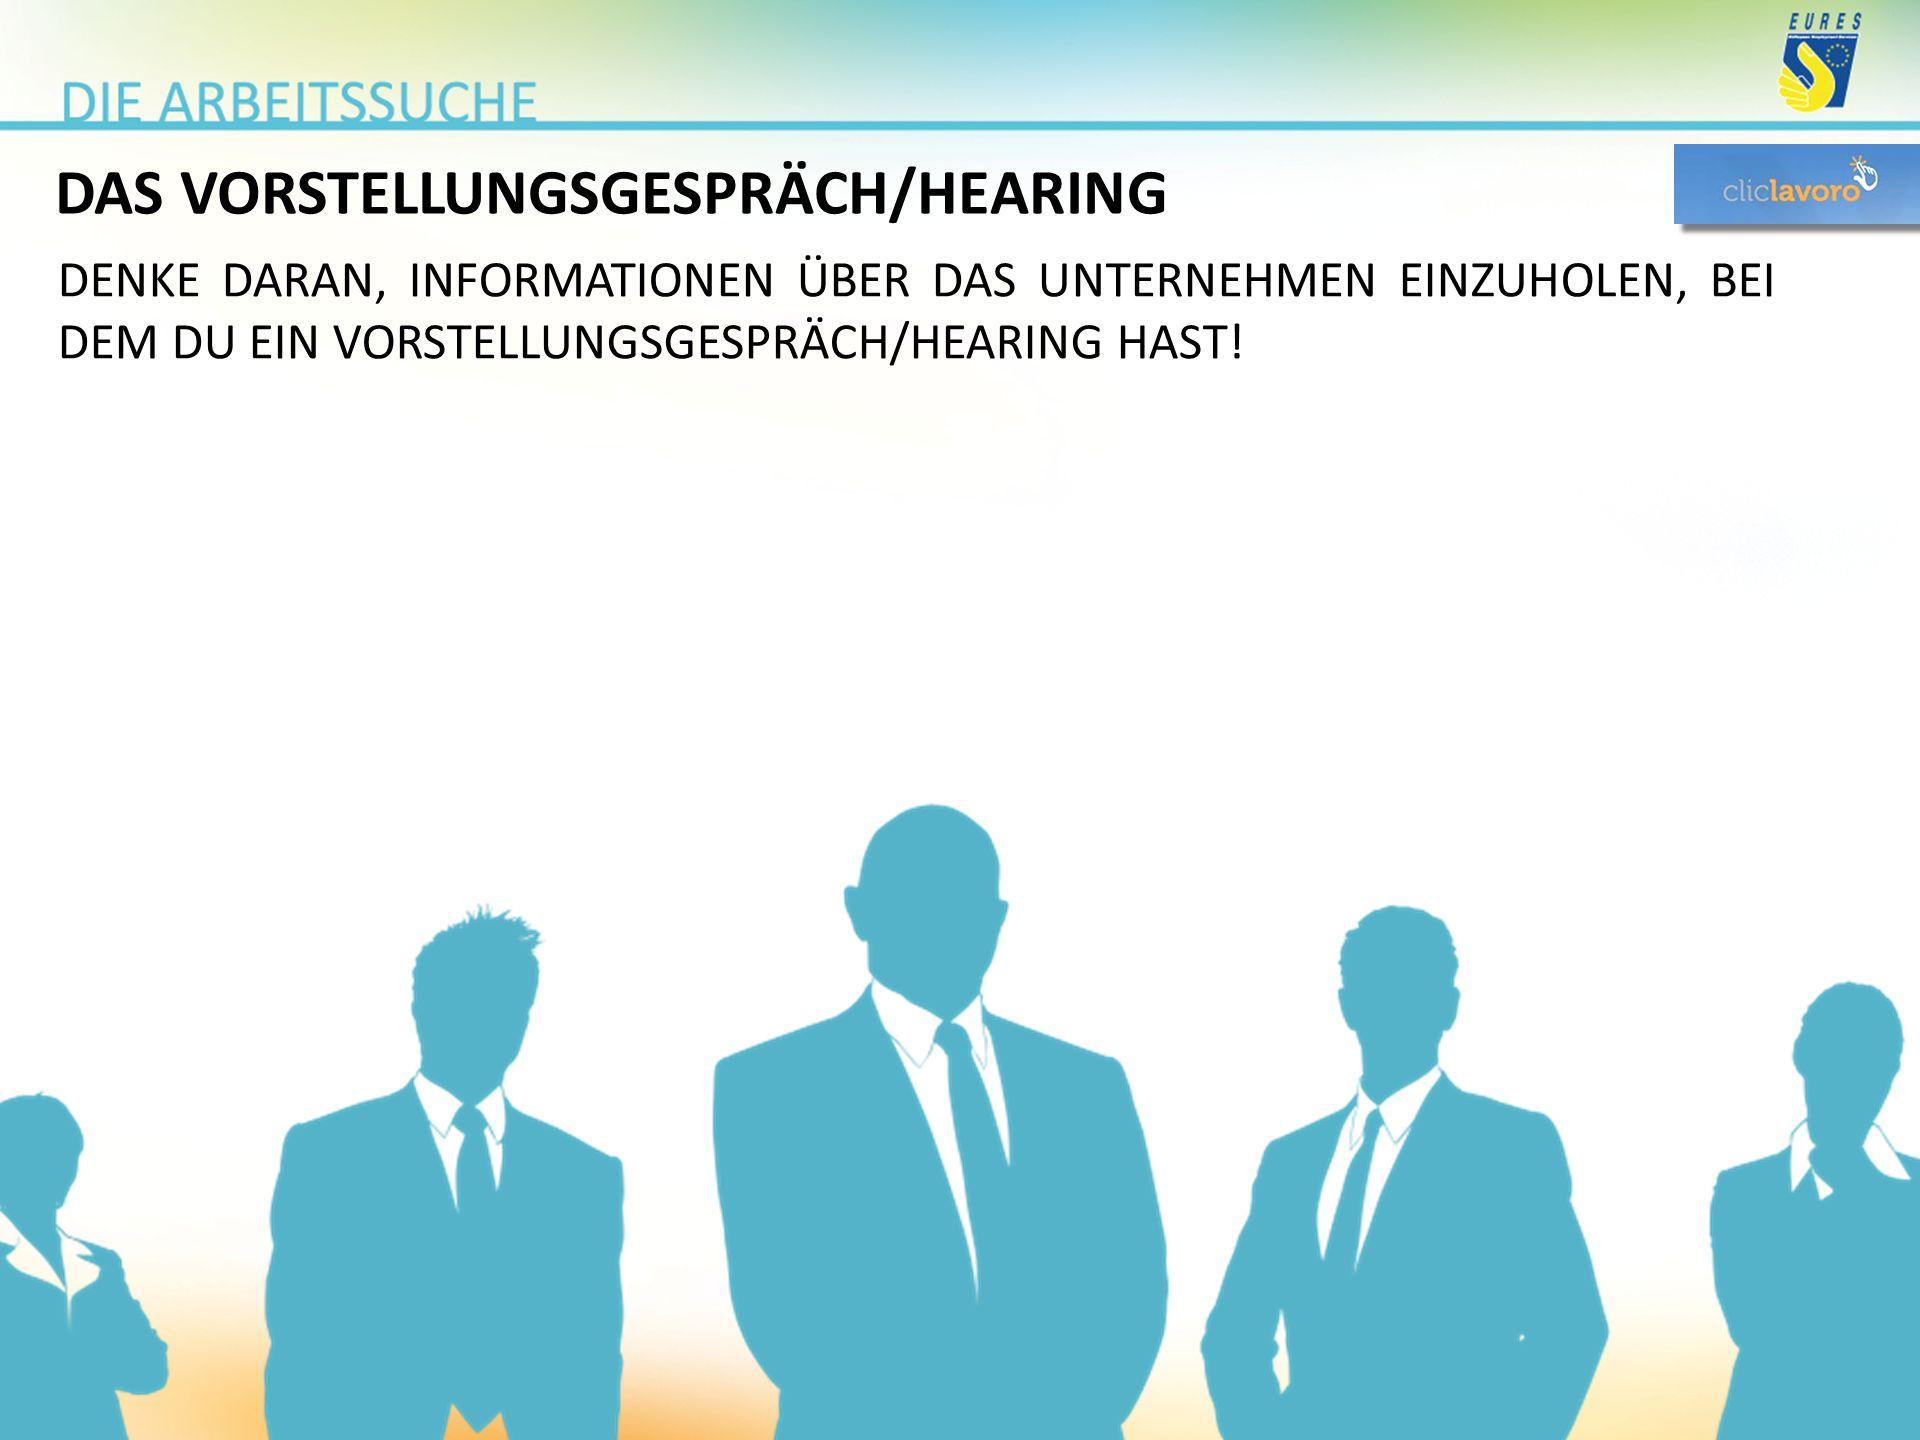 DAS VORSTELLUNGSGESPRÄCH/HEARING